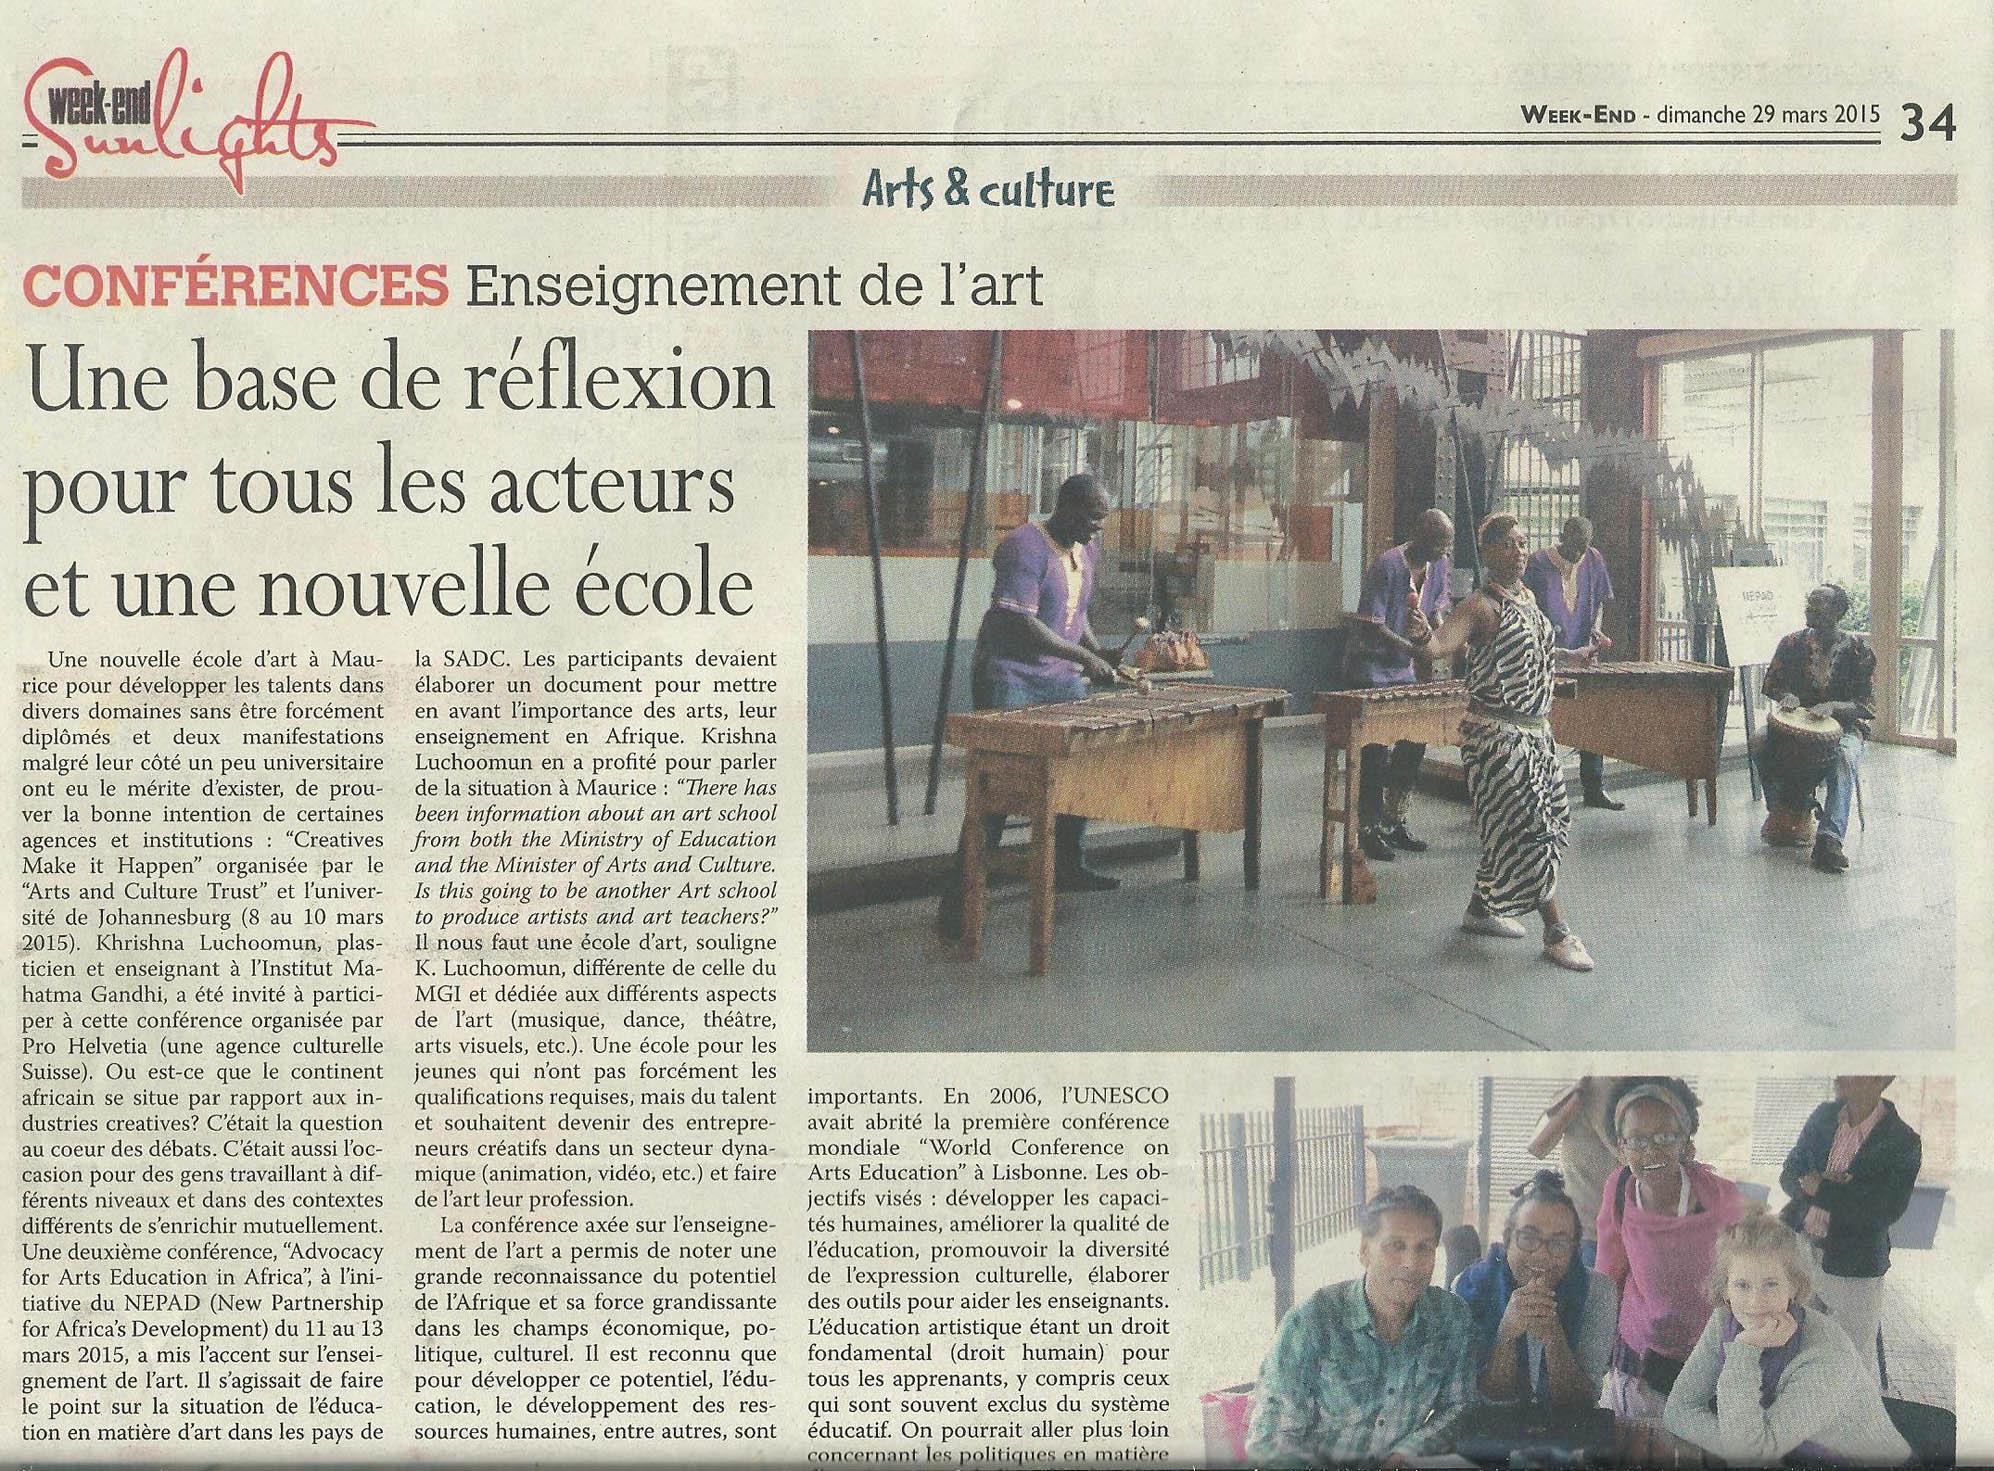 Conférences Enseignement de l'art. Week-End. 29 March 2015